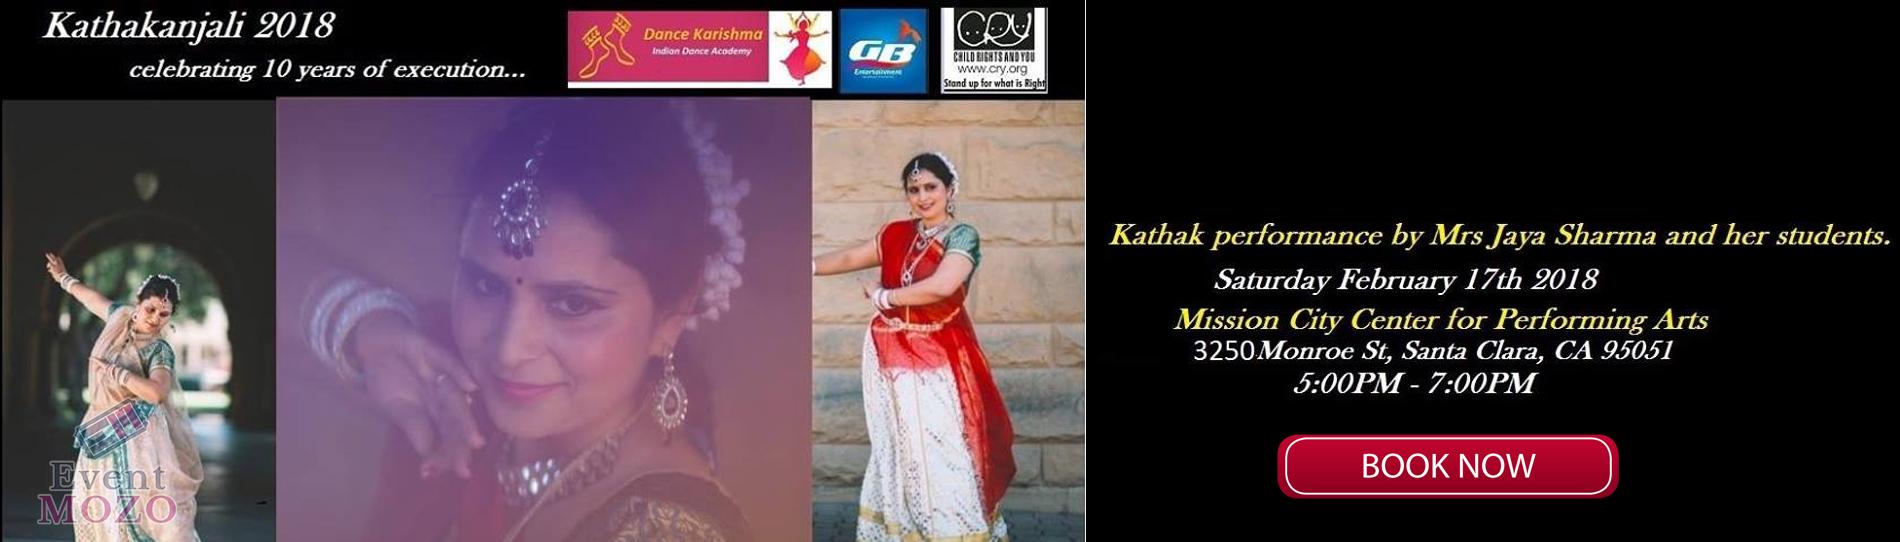 EventMozo Kathakanjali 2018